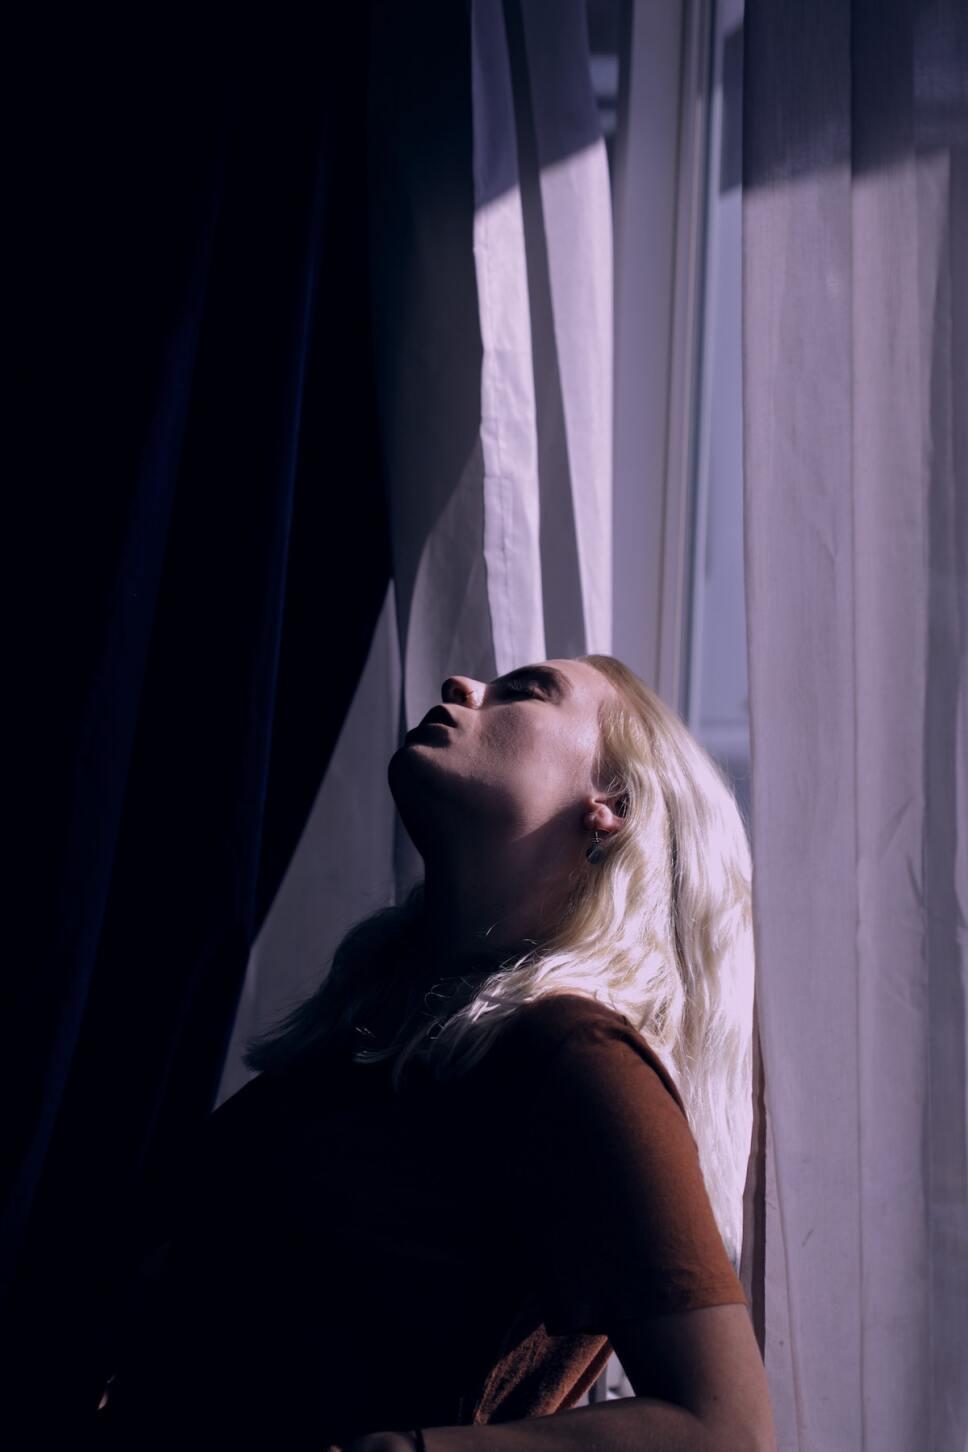 mejores orgasmos en el dia internacional del orgasmo femenino